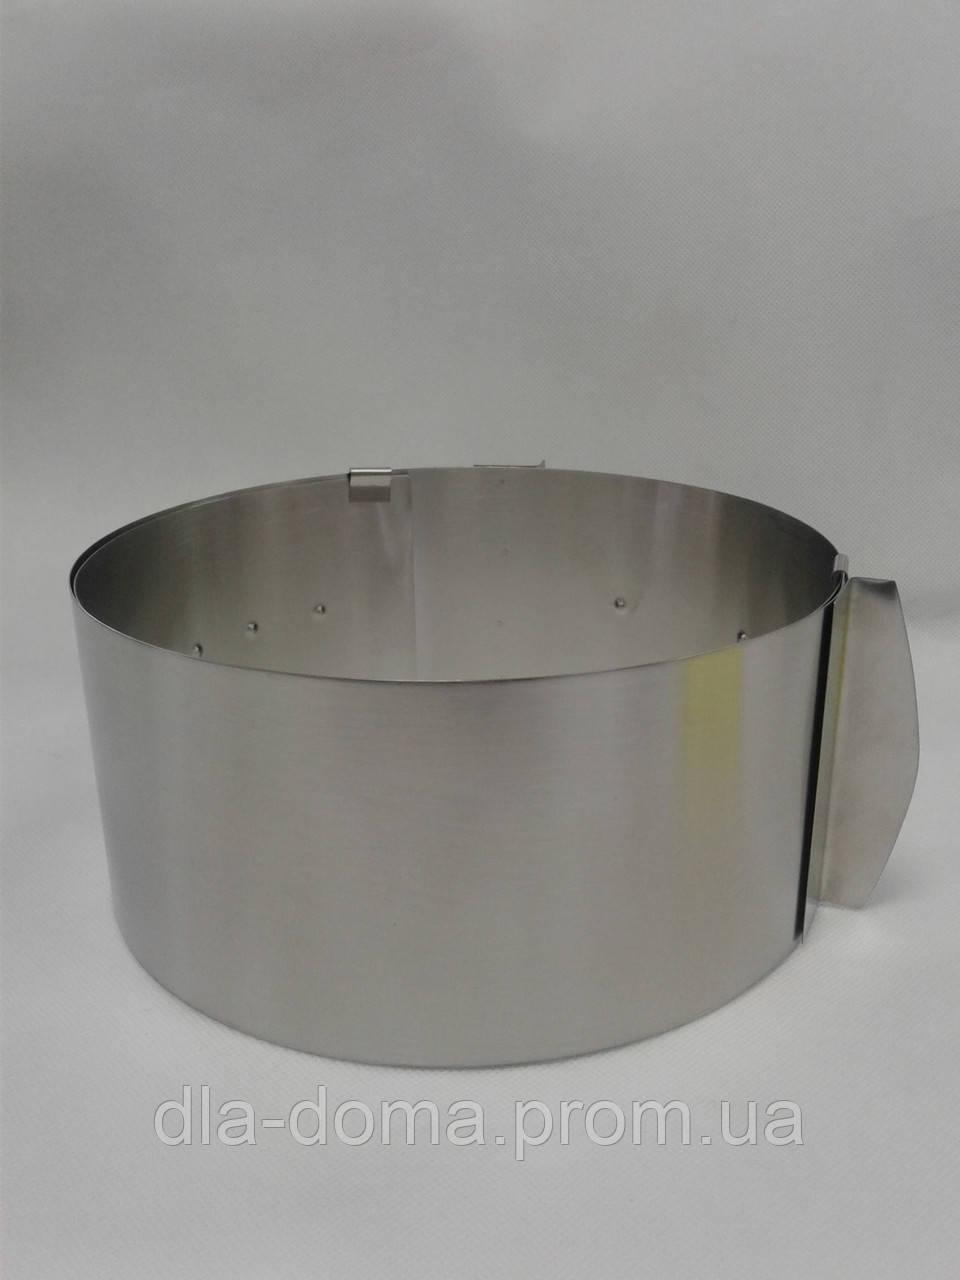 Кольцо для выпечки регулируемое нержавейка от 13 до 30 см., фото 1